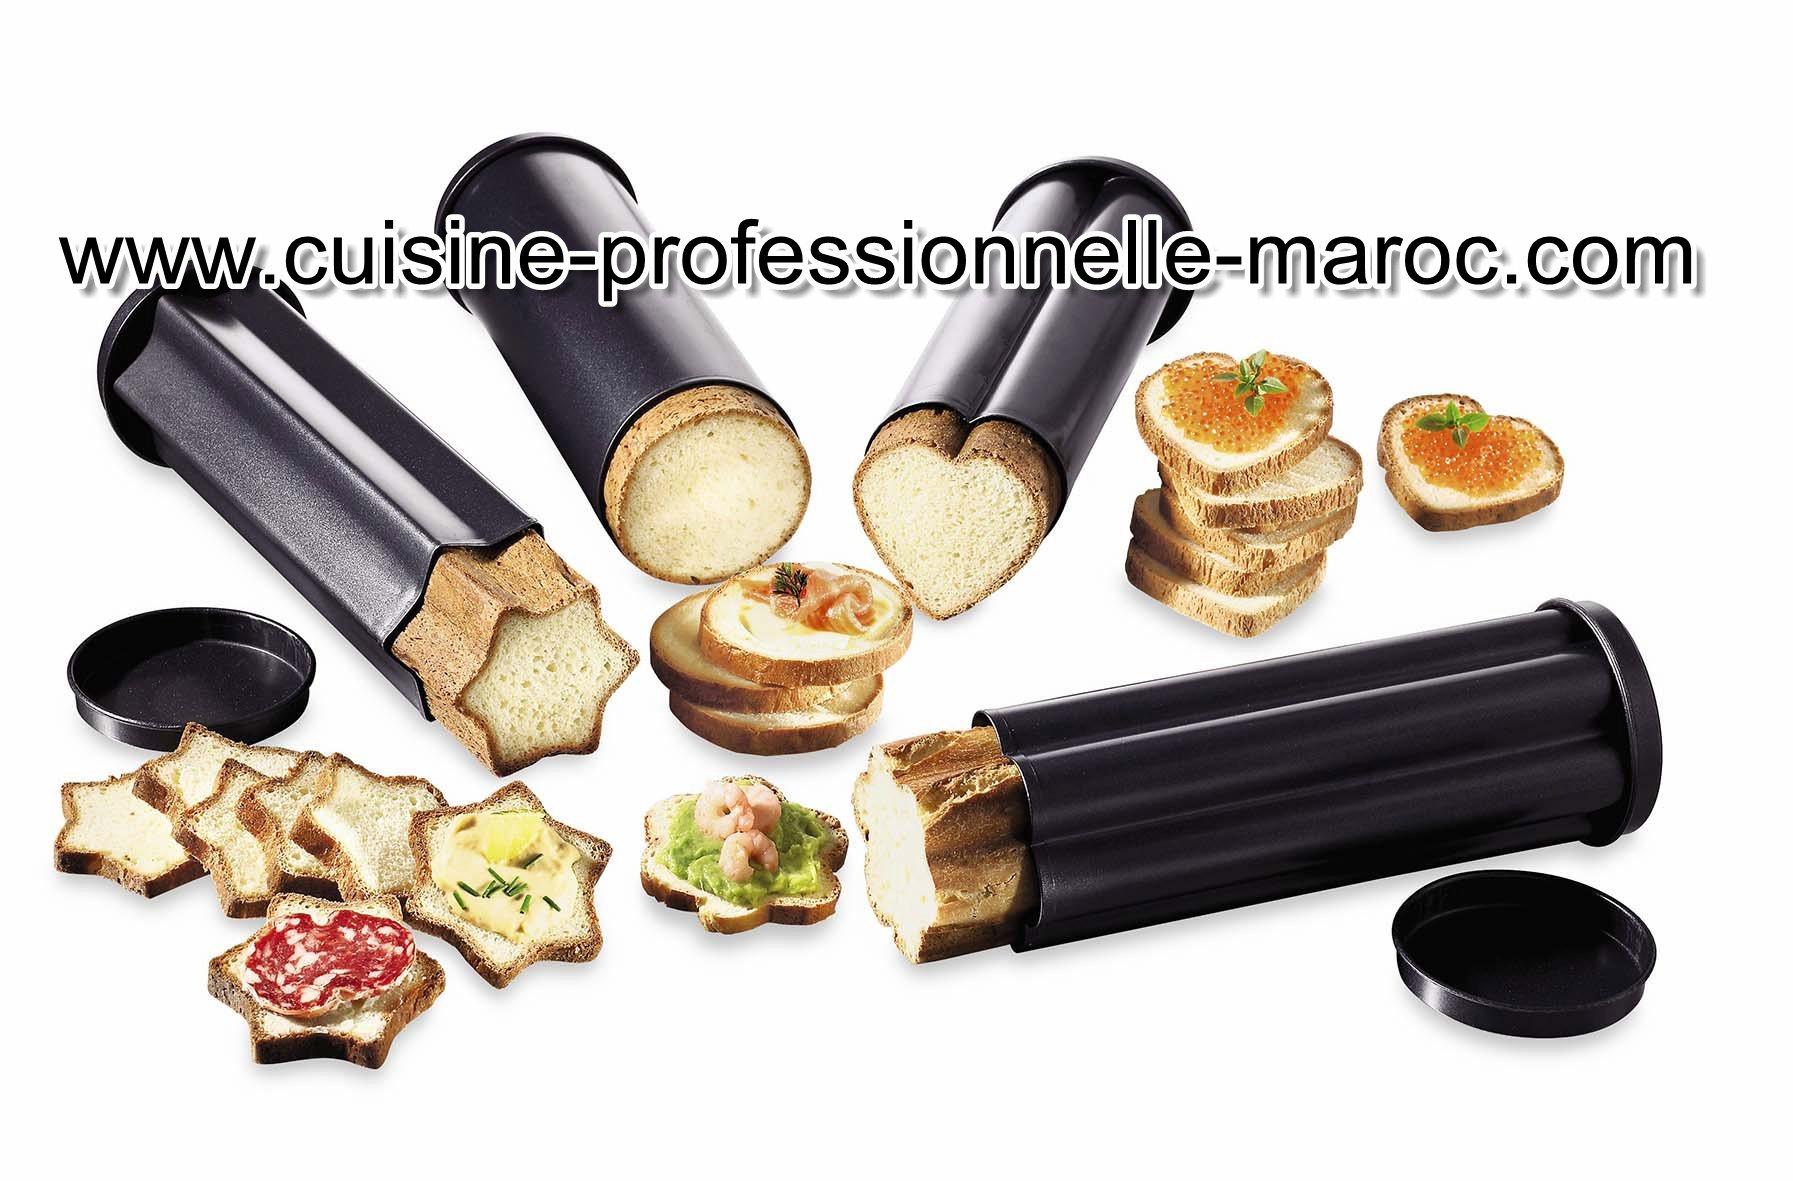 ustensile cuisine professionnel